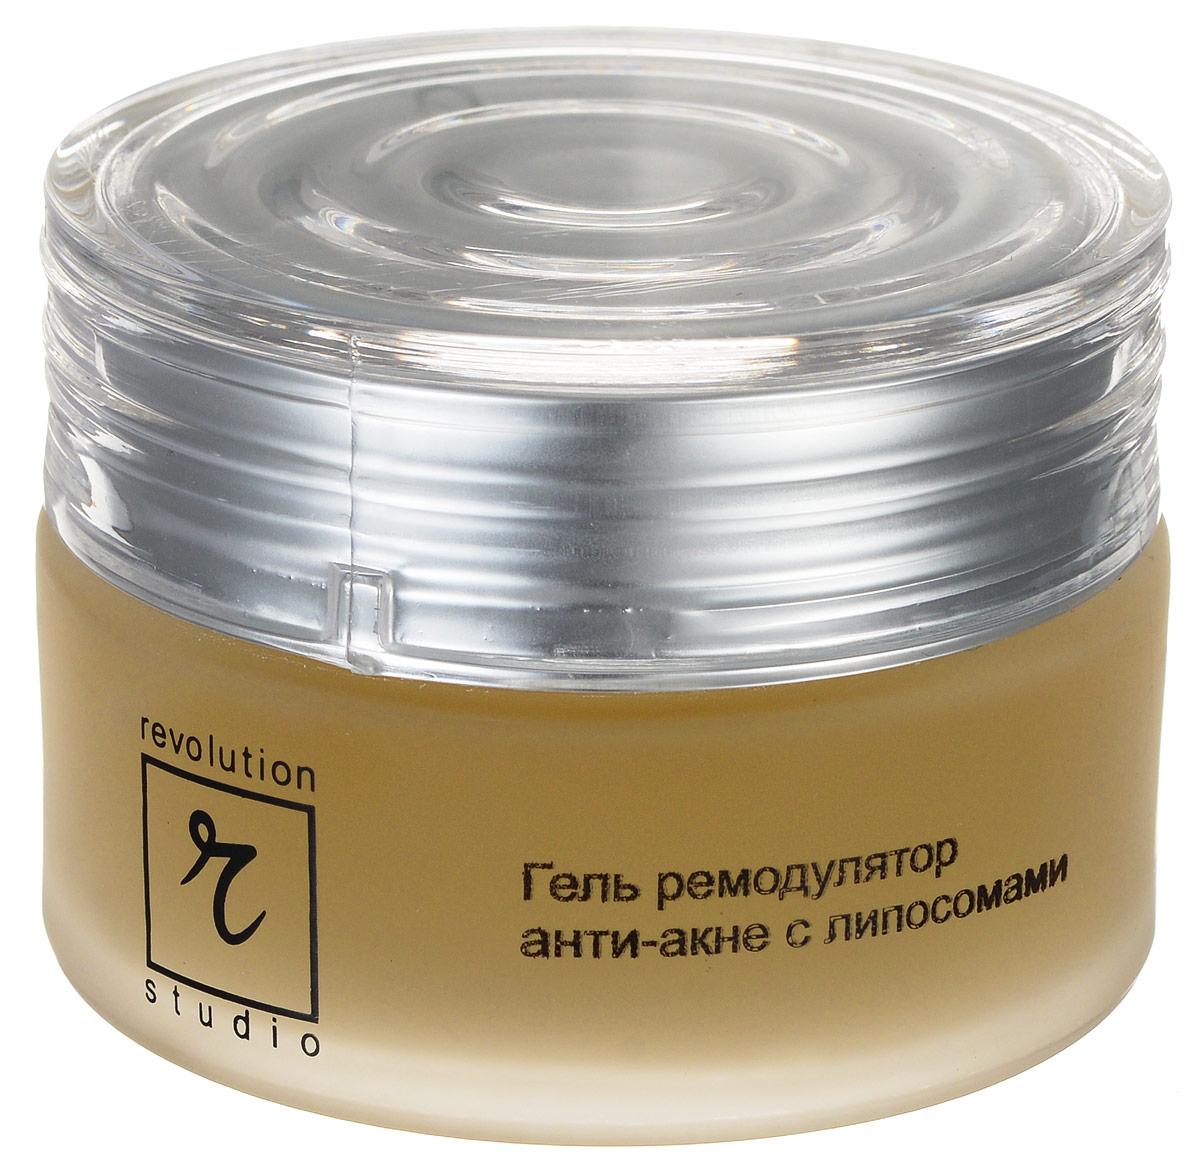 R-Studio Гель-ремодулятор анти-акне ночной с липосомами 50 млБ33041Гель-ремодулятор анти-акне ночной с липосомами - высокоэффективное предотвращение старения клеток кожи:глубоко проникает в кожу и эффективно воздействует на очаг воспаления; улучшает состояние и внешний вид кожи; приводит в норму ее влажность, жирность и эластичность; активизирует процесс регенерации кожи.